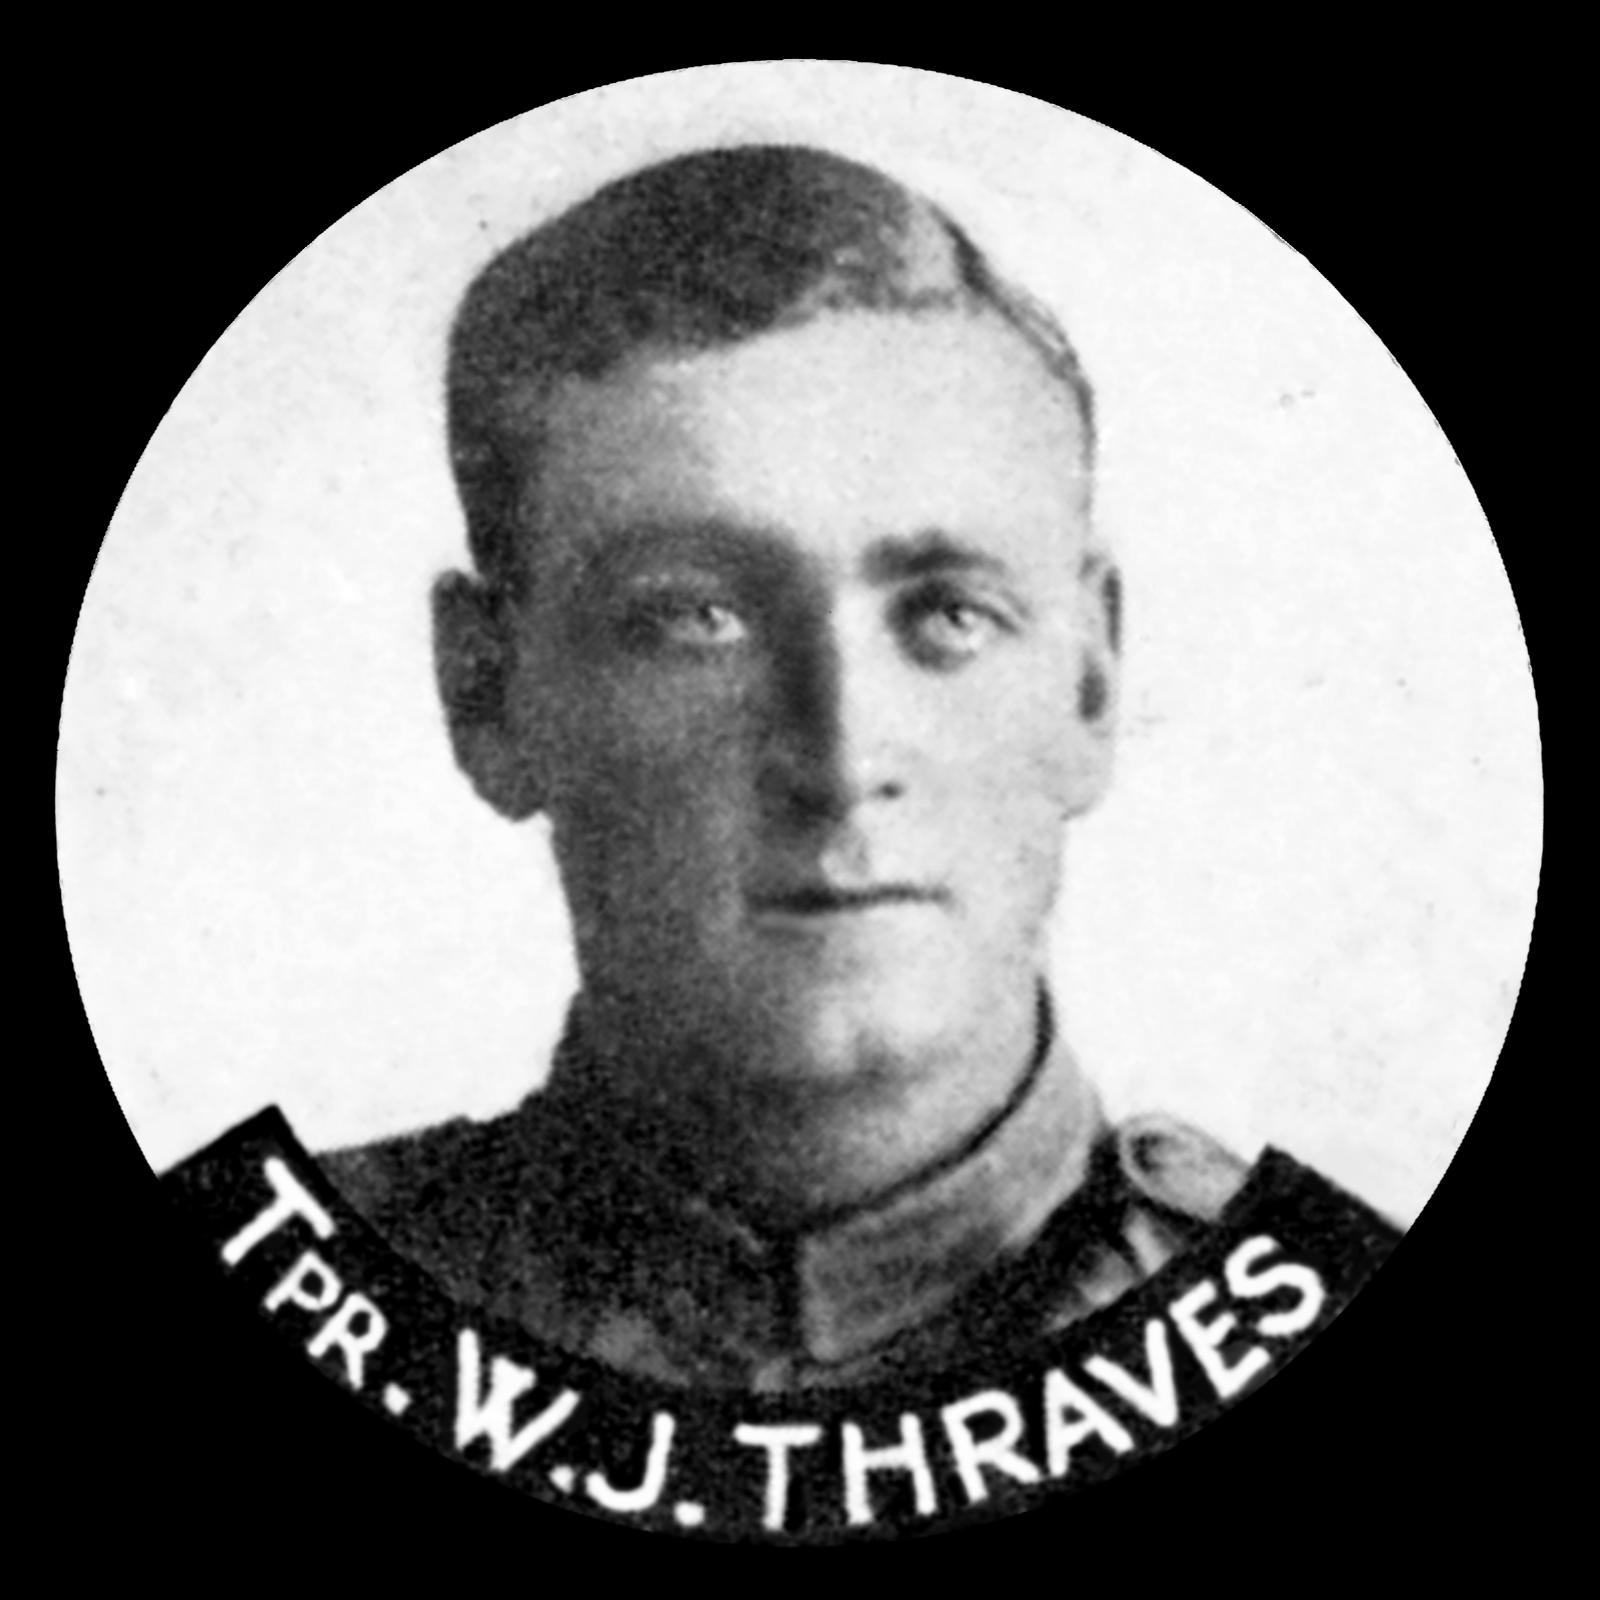 THRAVES William Joseph